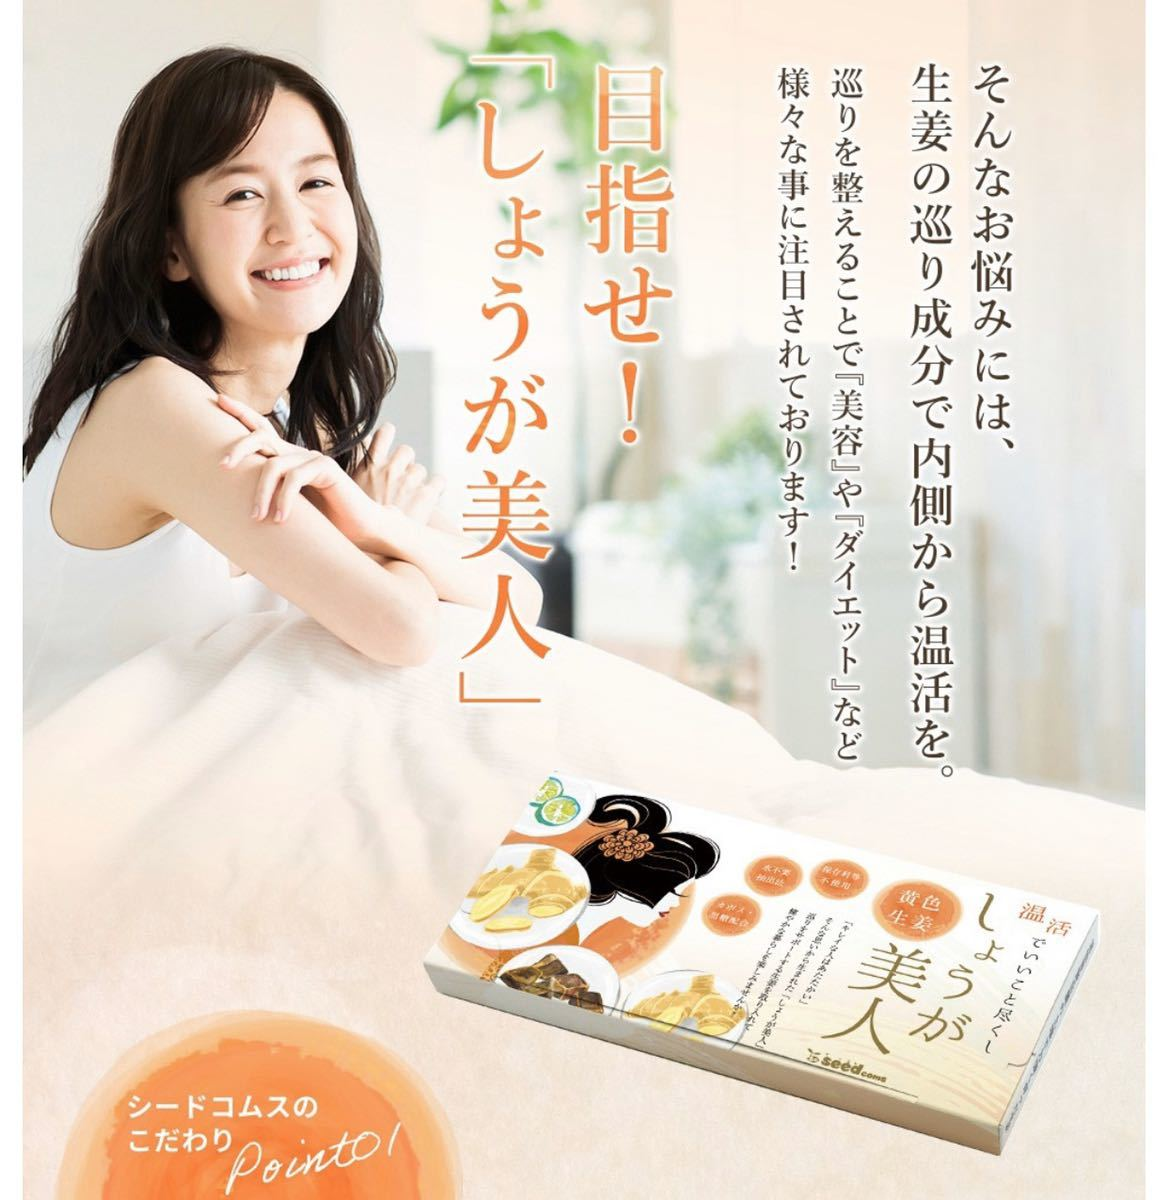 長崎県産しょうが使用 生姜美人 ペースト状 1箱31包入り 化学調味料 着色料 保存料 香料 全て一切不使用 温活_画像3